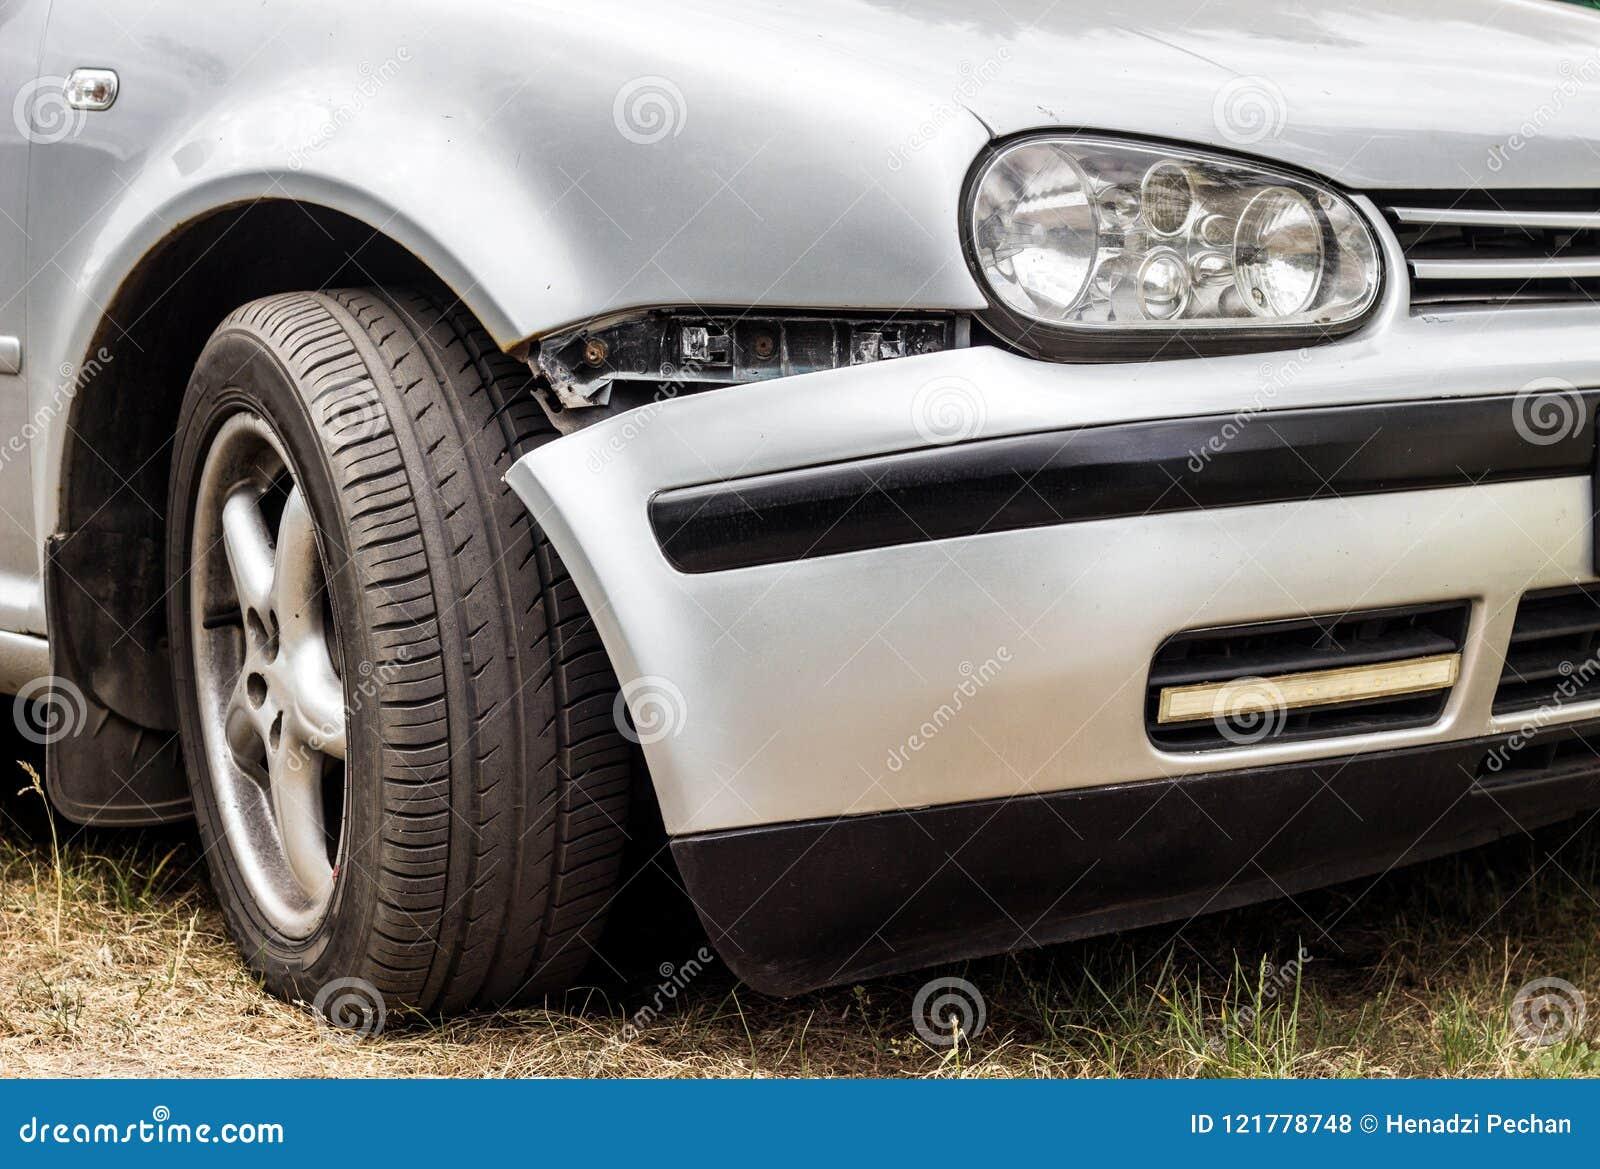 Een auto met een gebroken voorbumper, schade